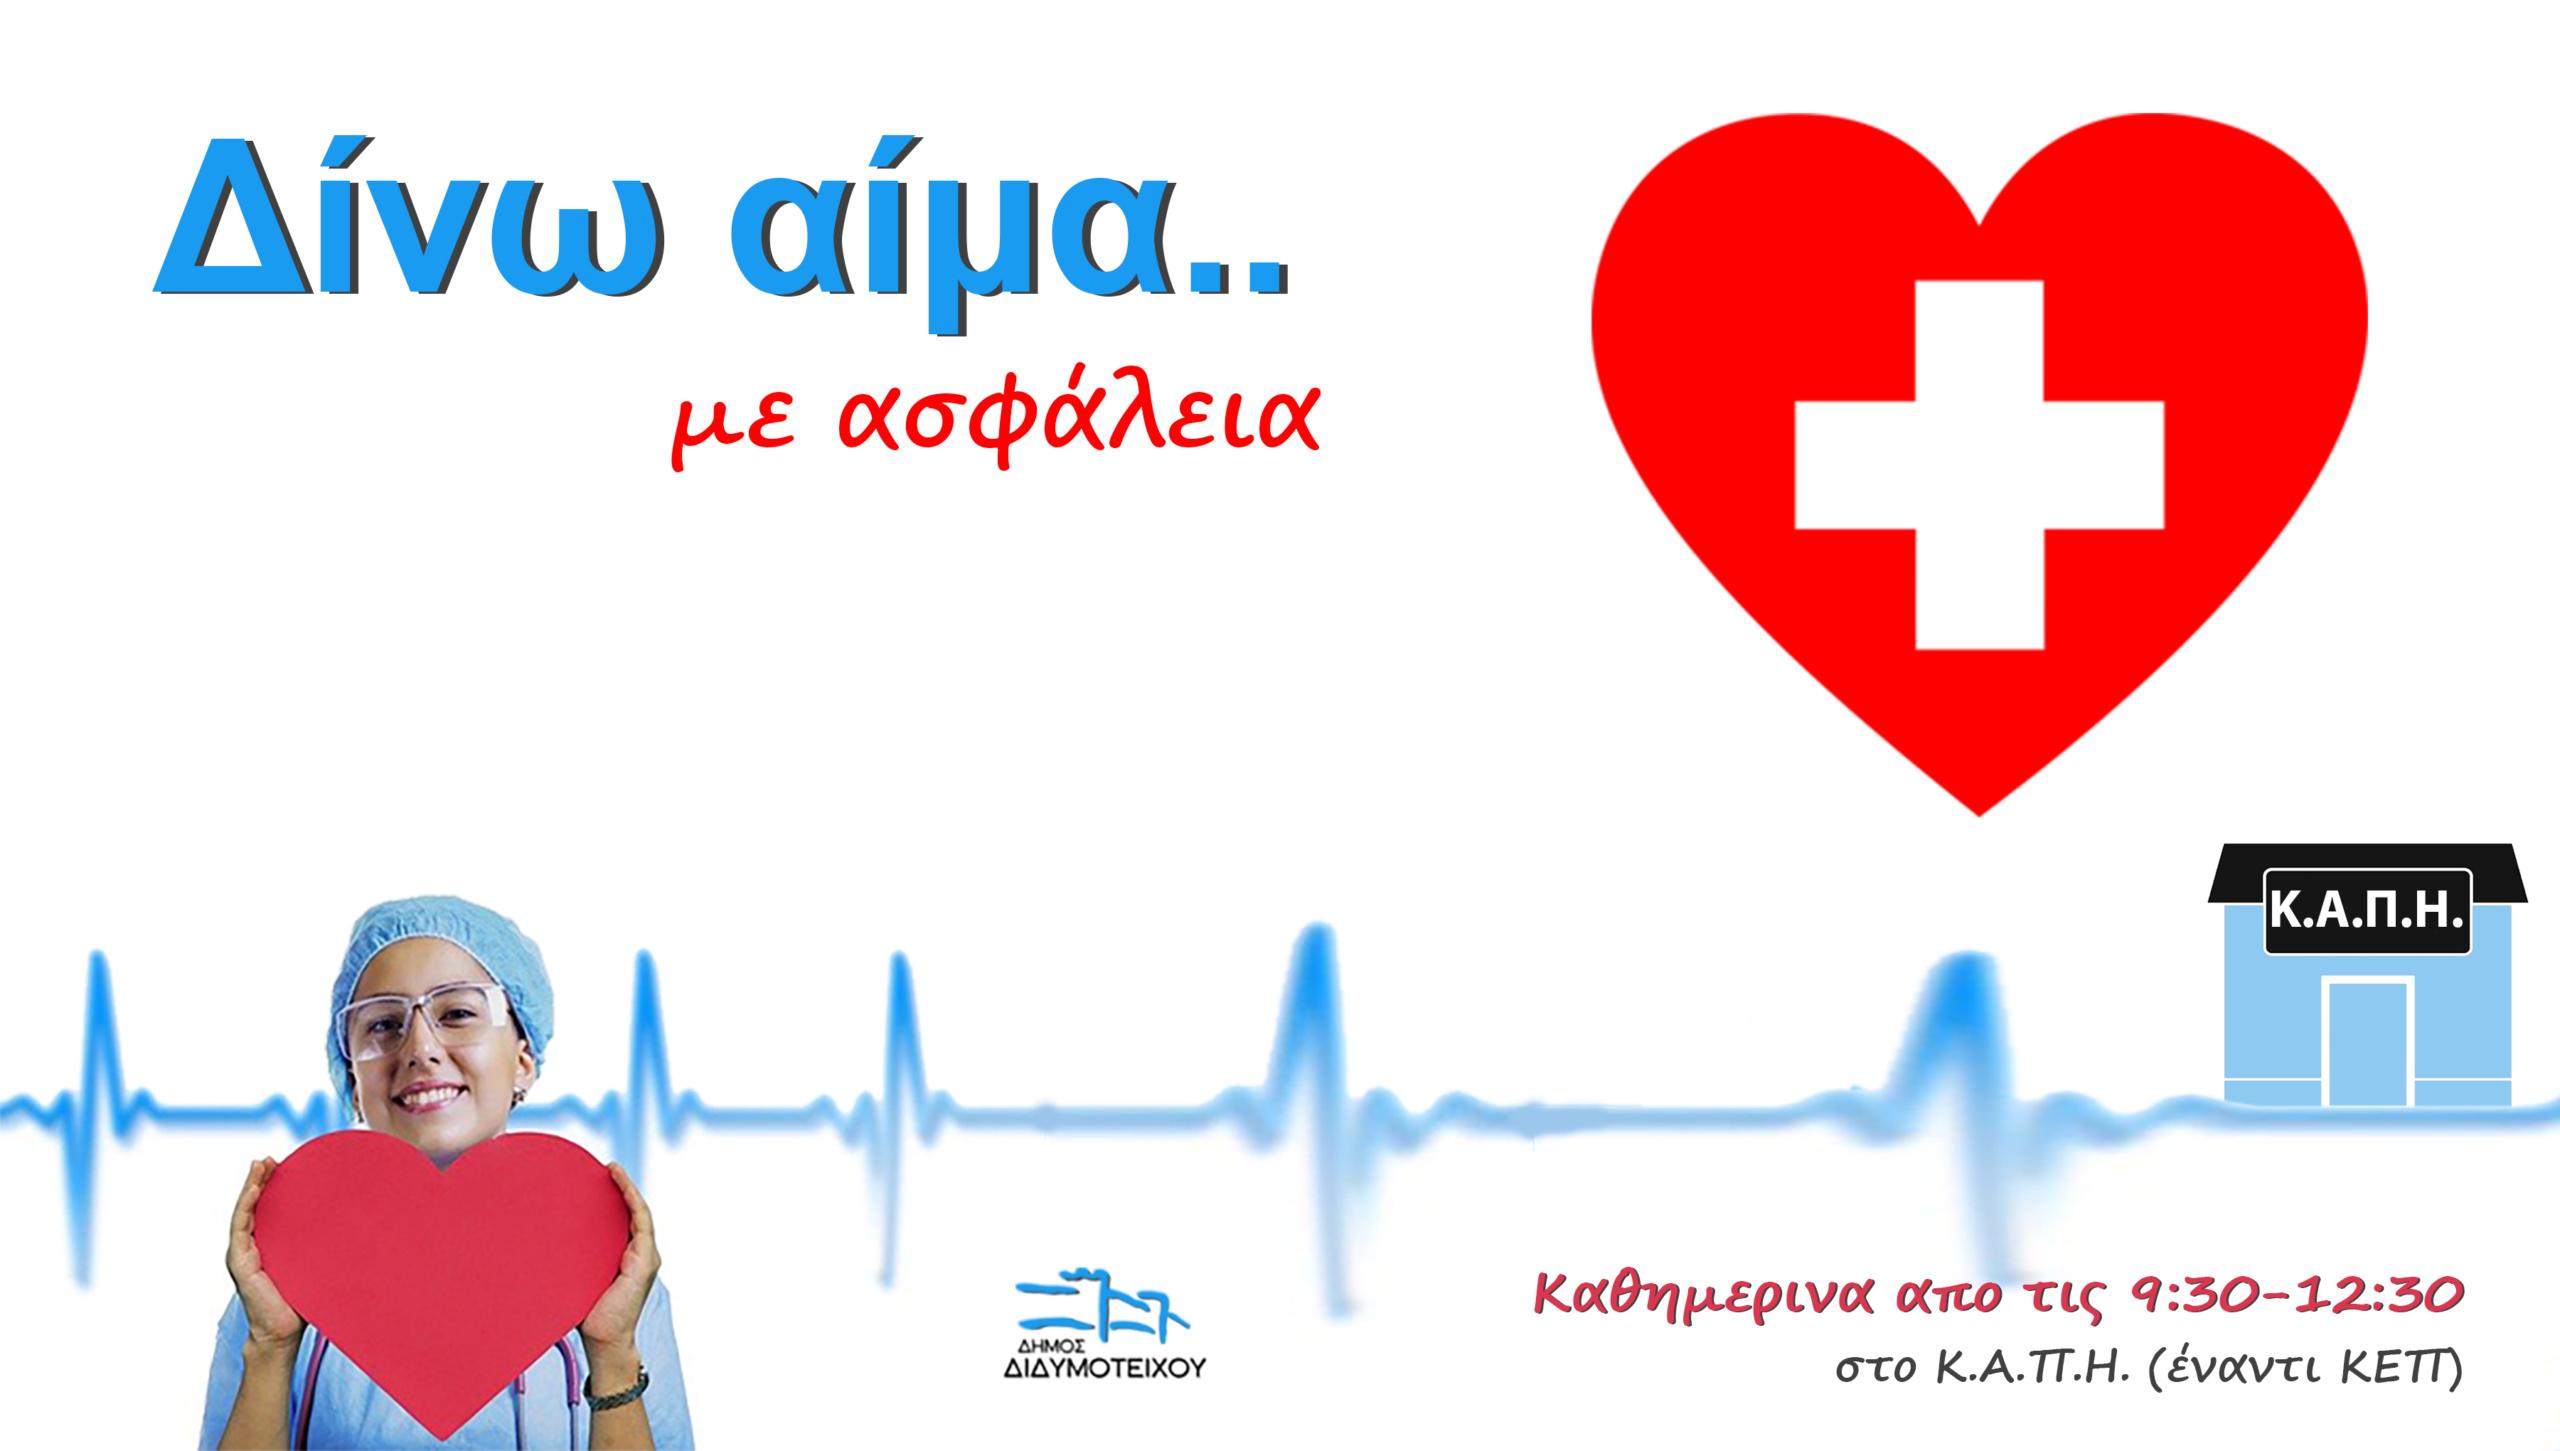 Ασφαλή αιμοδοσία σε ειδικό χώρο στο ΚΑΠΗ Διδυμοτείχου προσφέρει ο Δήμος